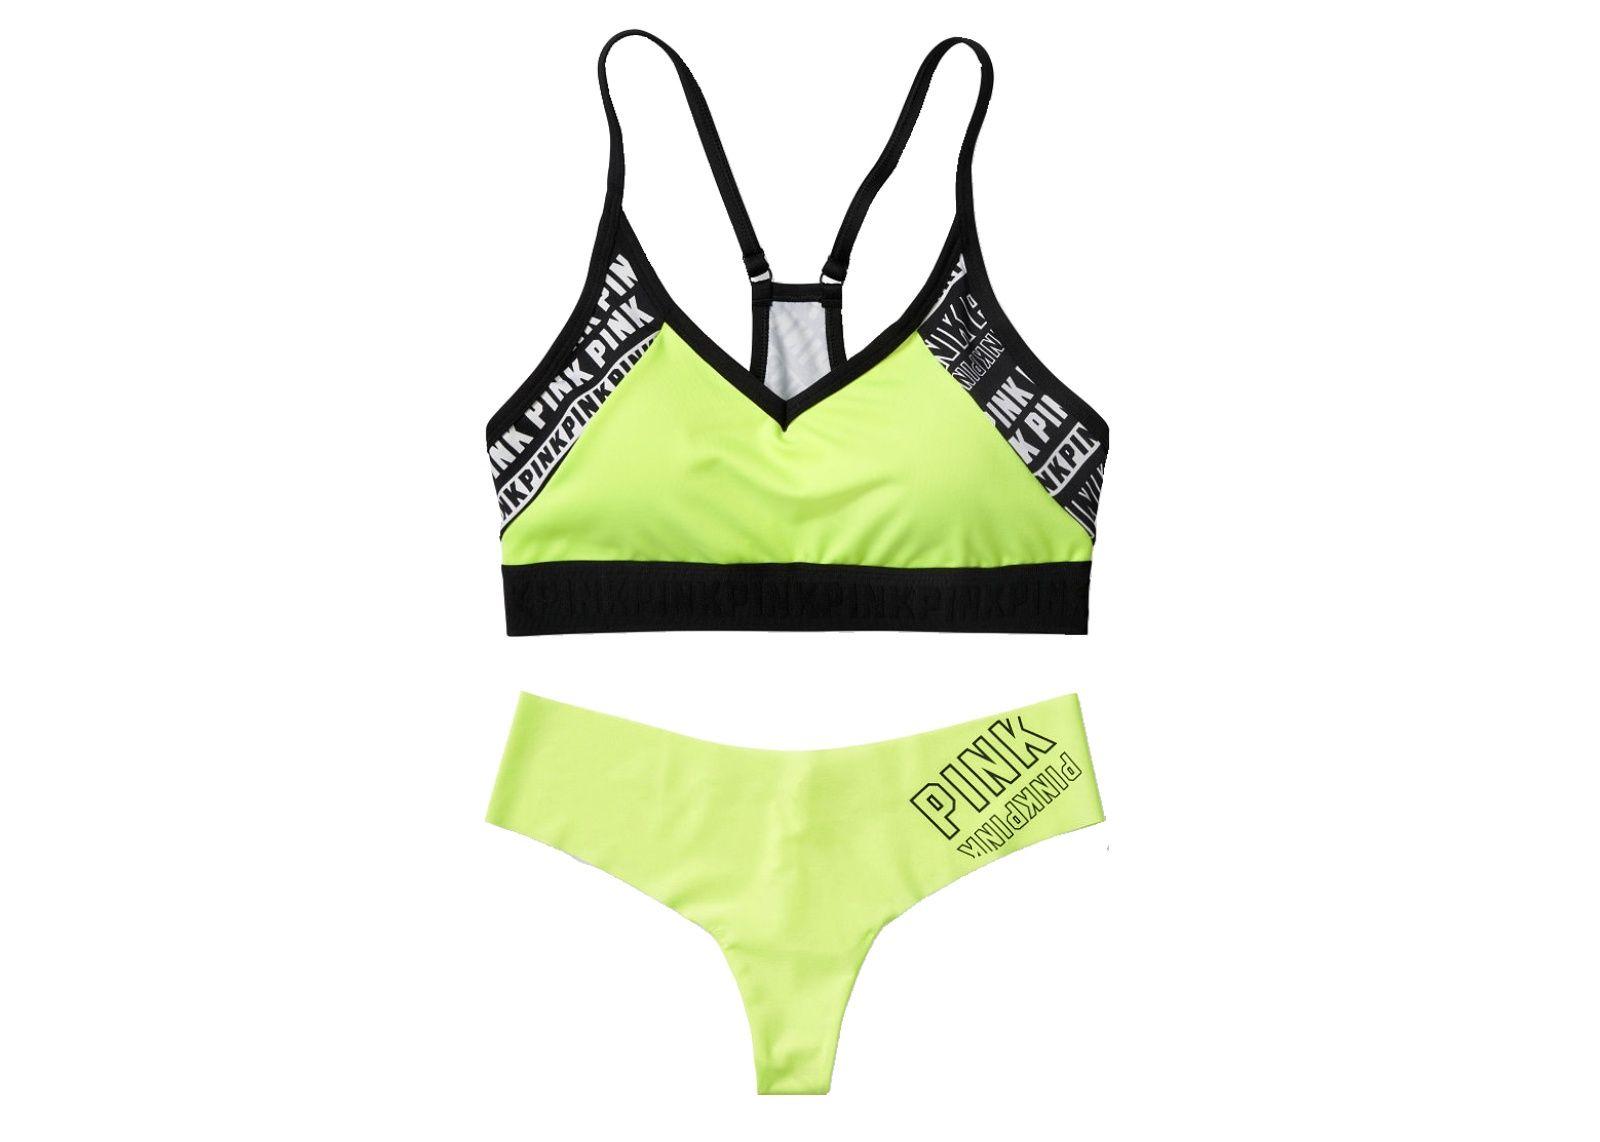 12b6a1a3d22 Victoria s Secret Pink sportovní podprsenka Ultimate + kalhotky Tanga  (Lemon Logo)